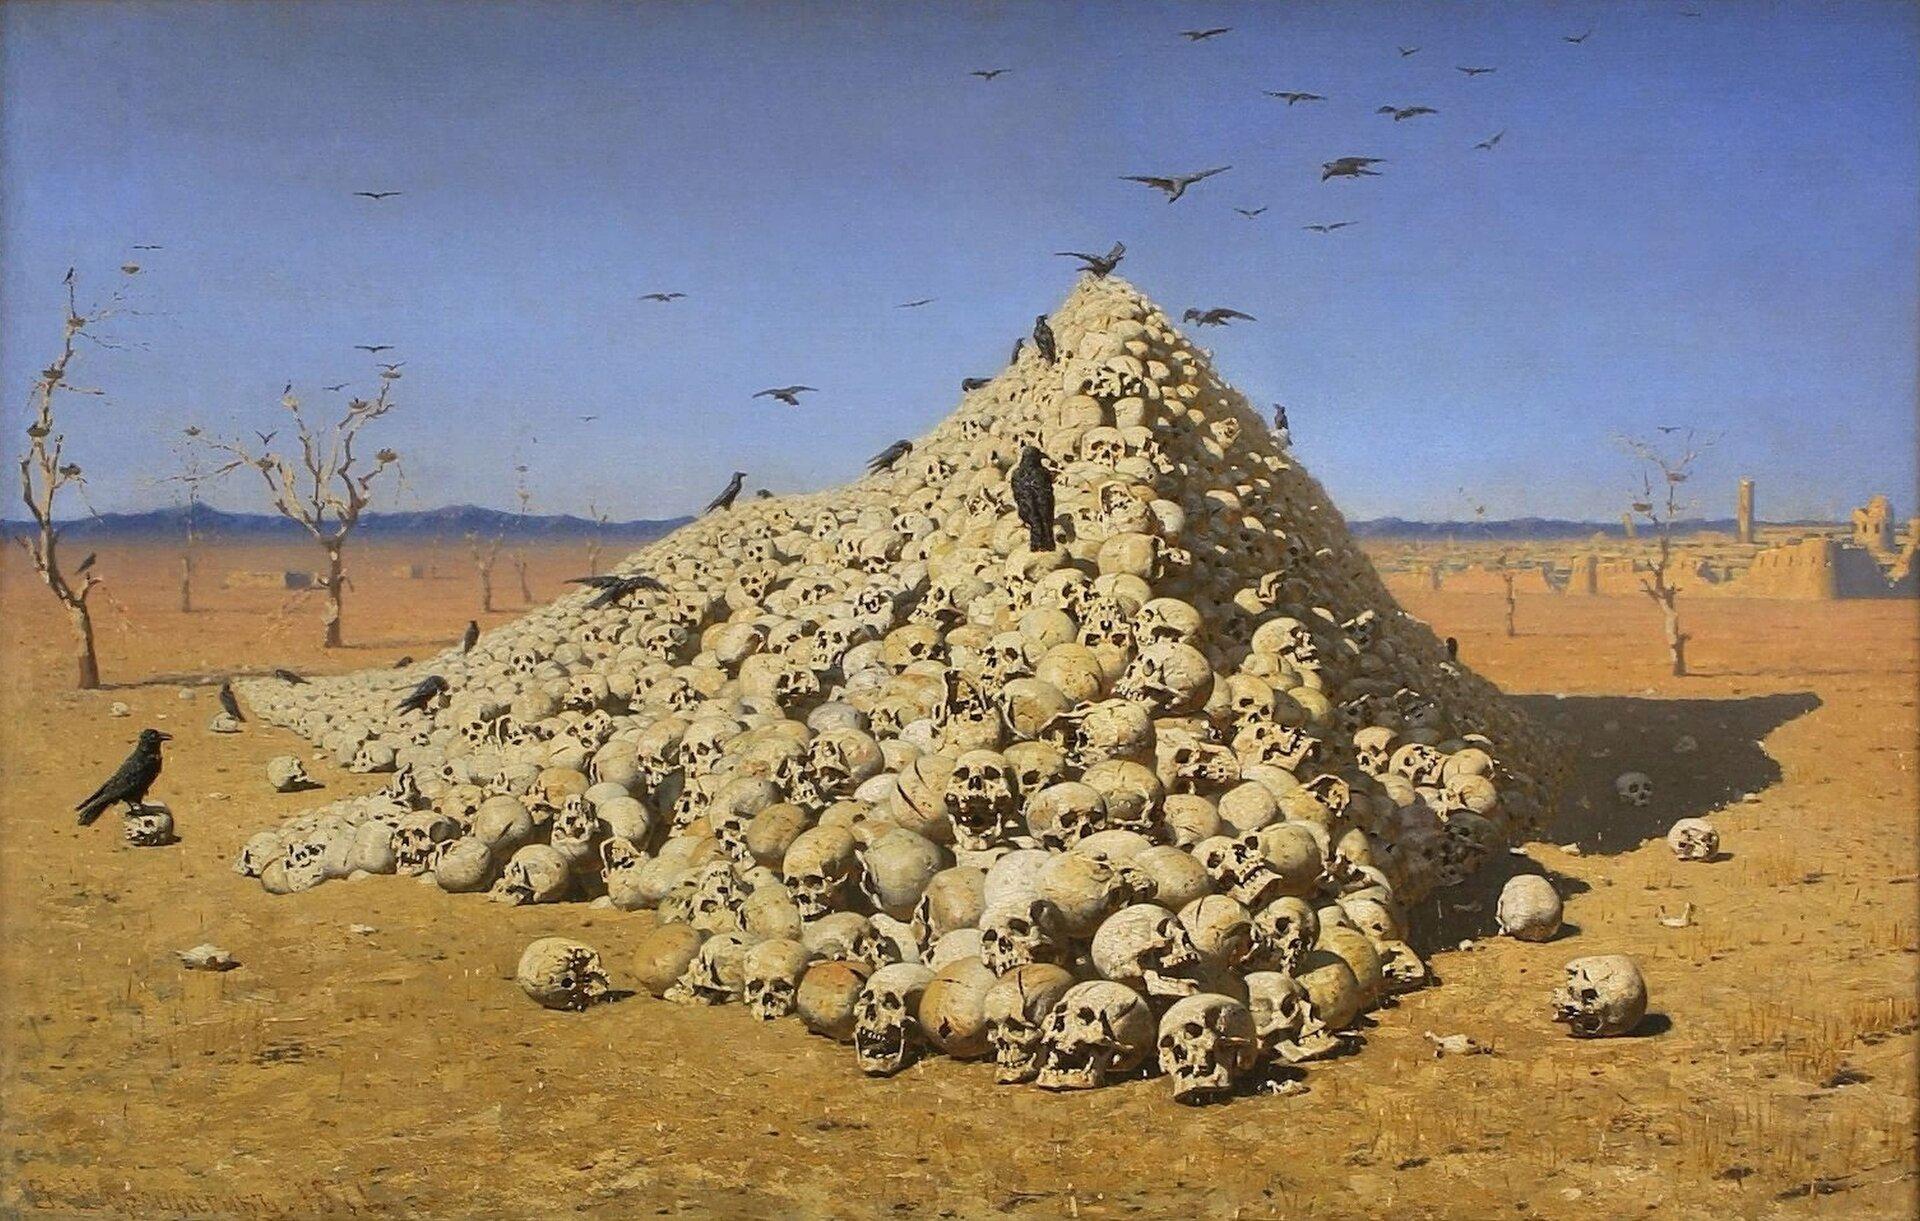 """Ilustracja przedstawia dzieło Wereszczagin, """"Apoteoza wojny"""", które przedstawia ludzkie czaszki ułożone wskarpę. Nad czaszkami latają czarne ptaki."""